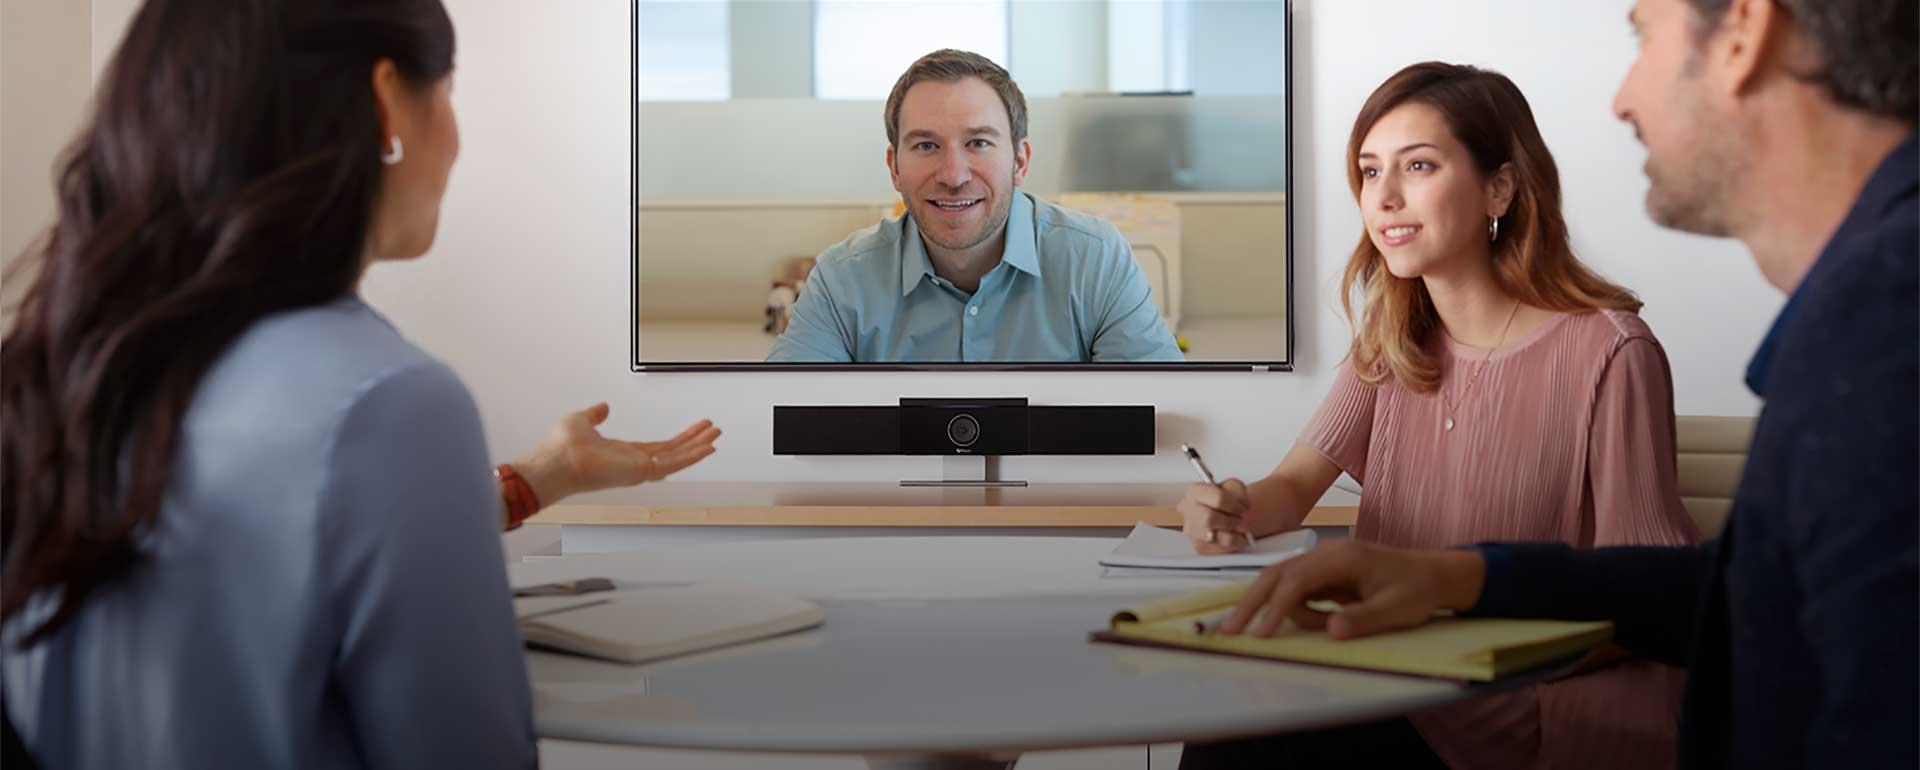 systemy wideokonferencyjne